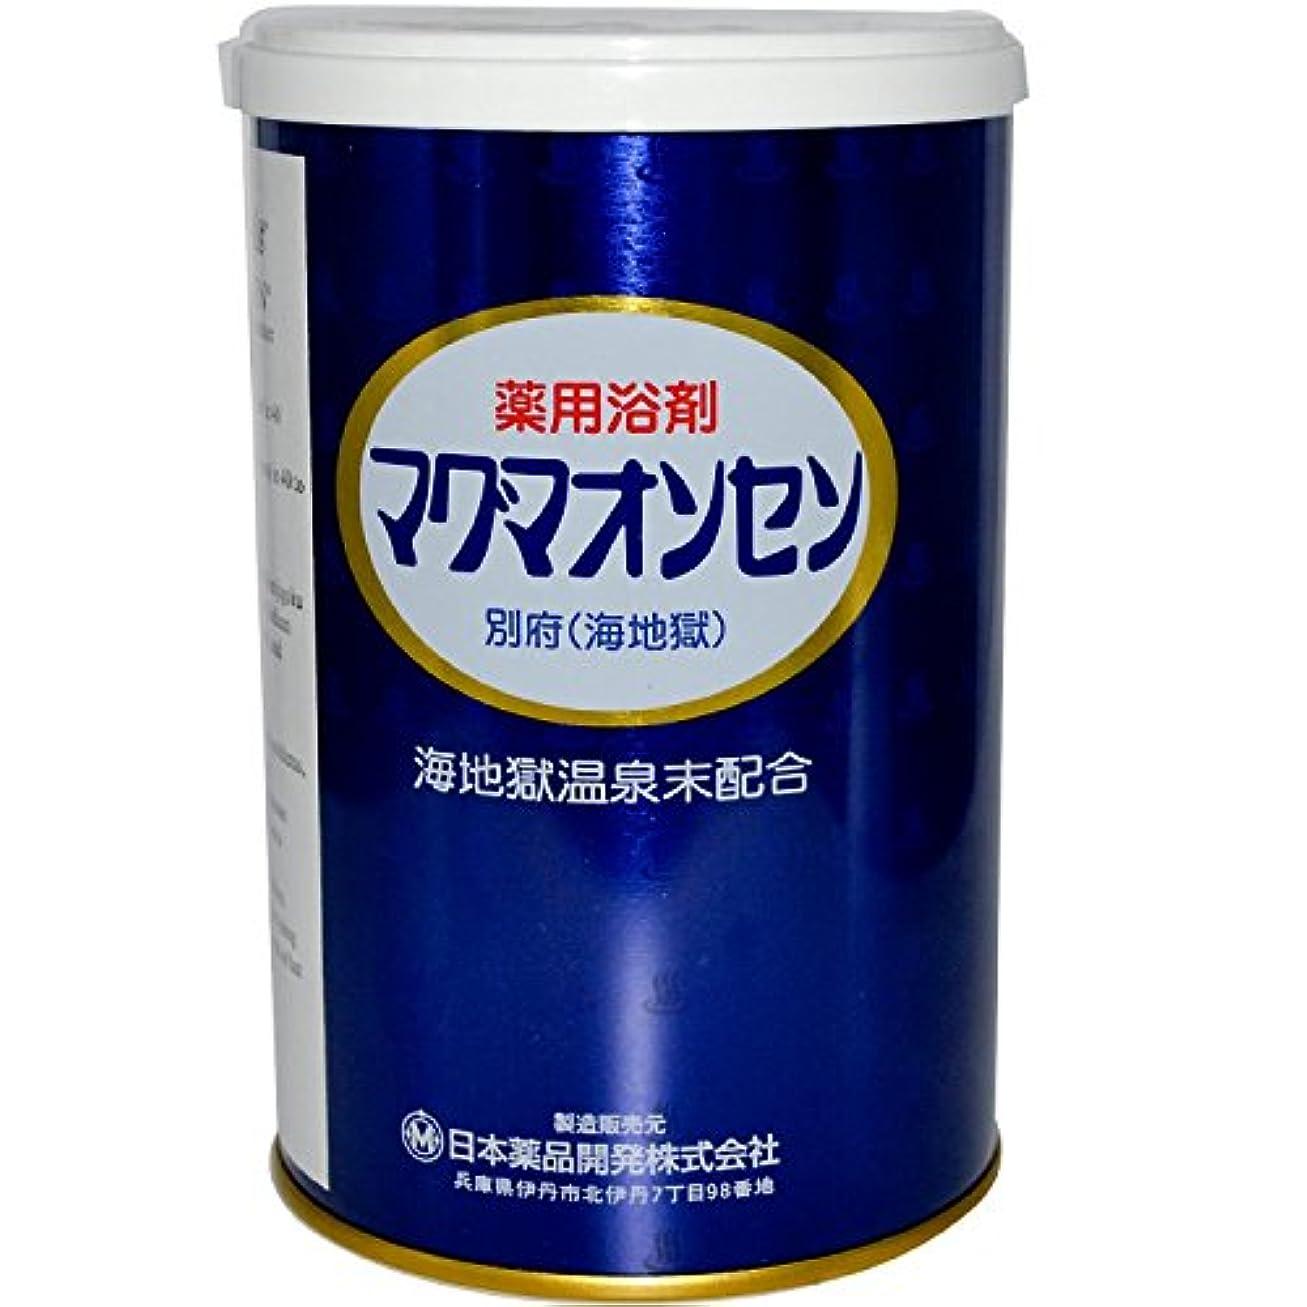 メダルレーニン主義呼び出すマグマオンセン別府(海地獄) 500g三缶